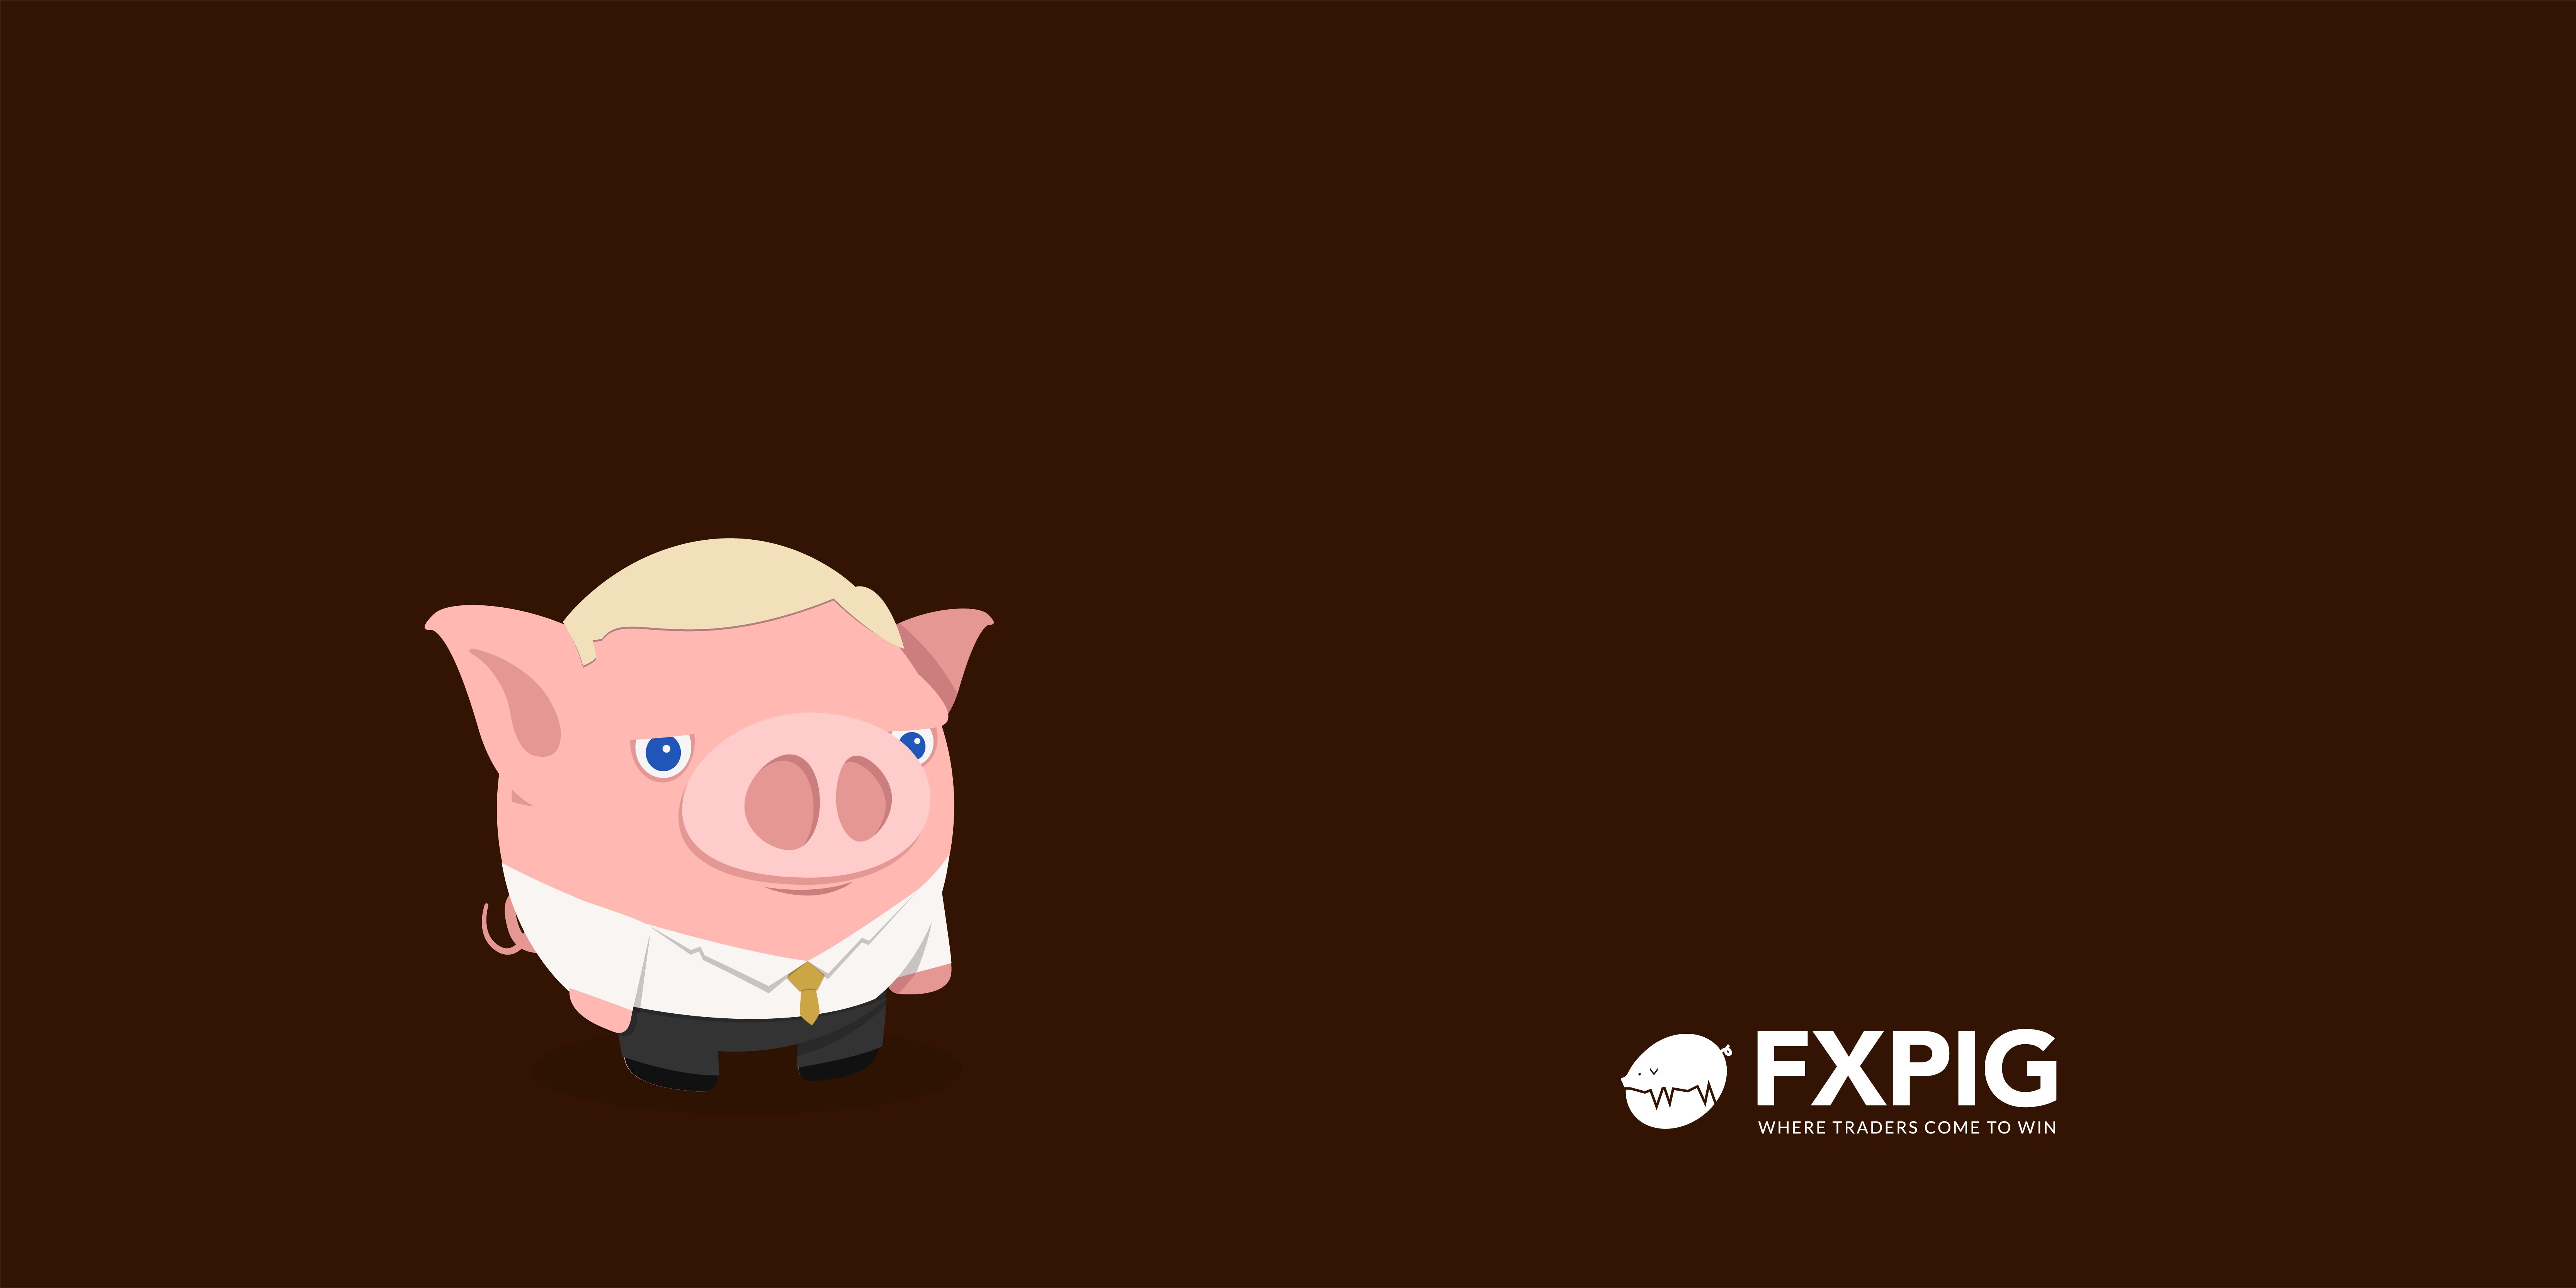 Forex_trading-wisdom_control-risk-Ed-Seykota_FXPIG